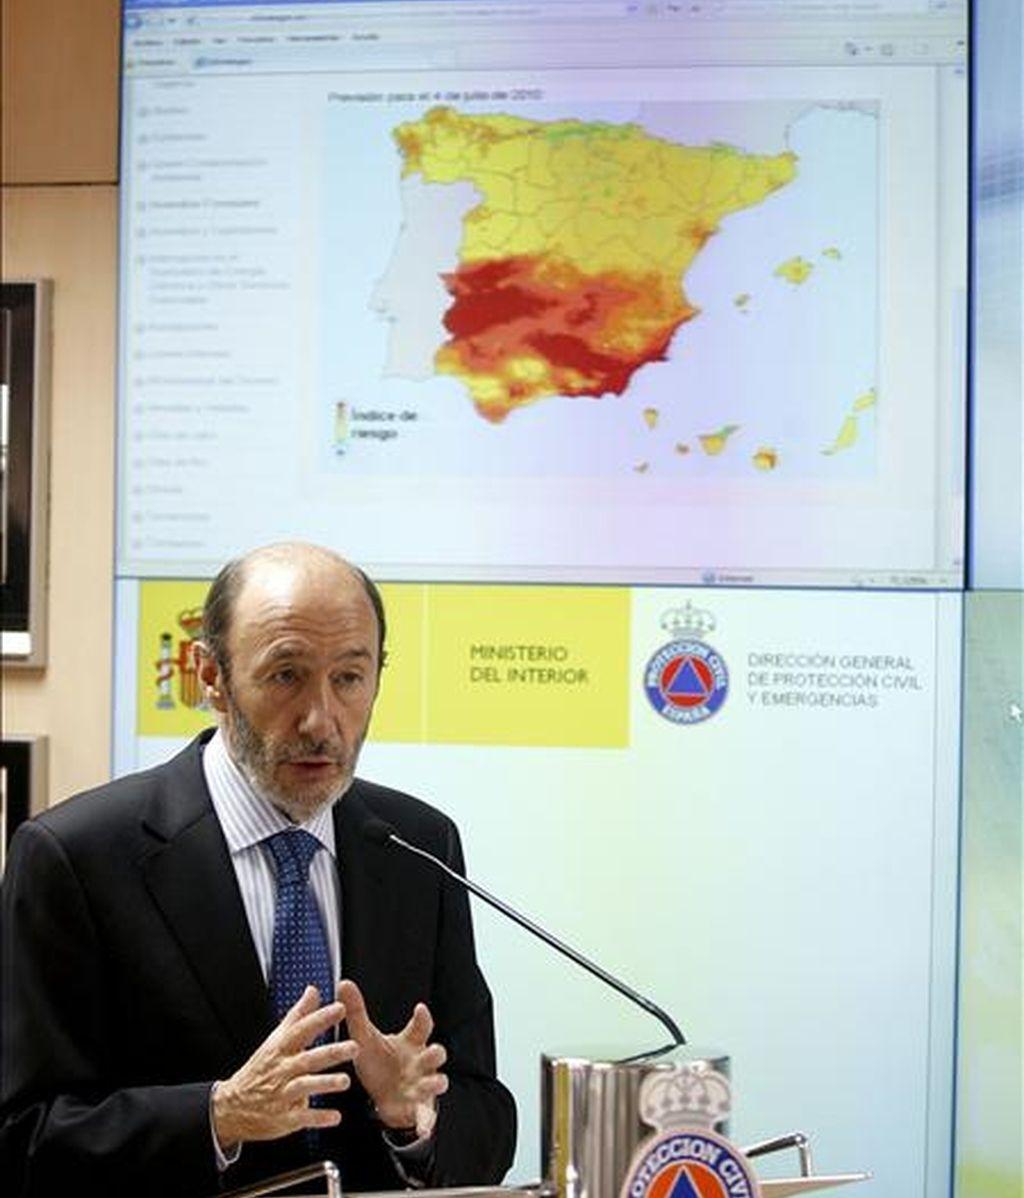 El ministro del Interior, Alfredo Pérez Rubalcaba, presenta la Campaña de Verano 2010 de la Operación Paso del Estrecho y de prevención y lucha contra los incendios forestales. EFE